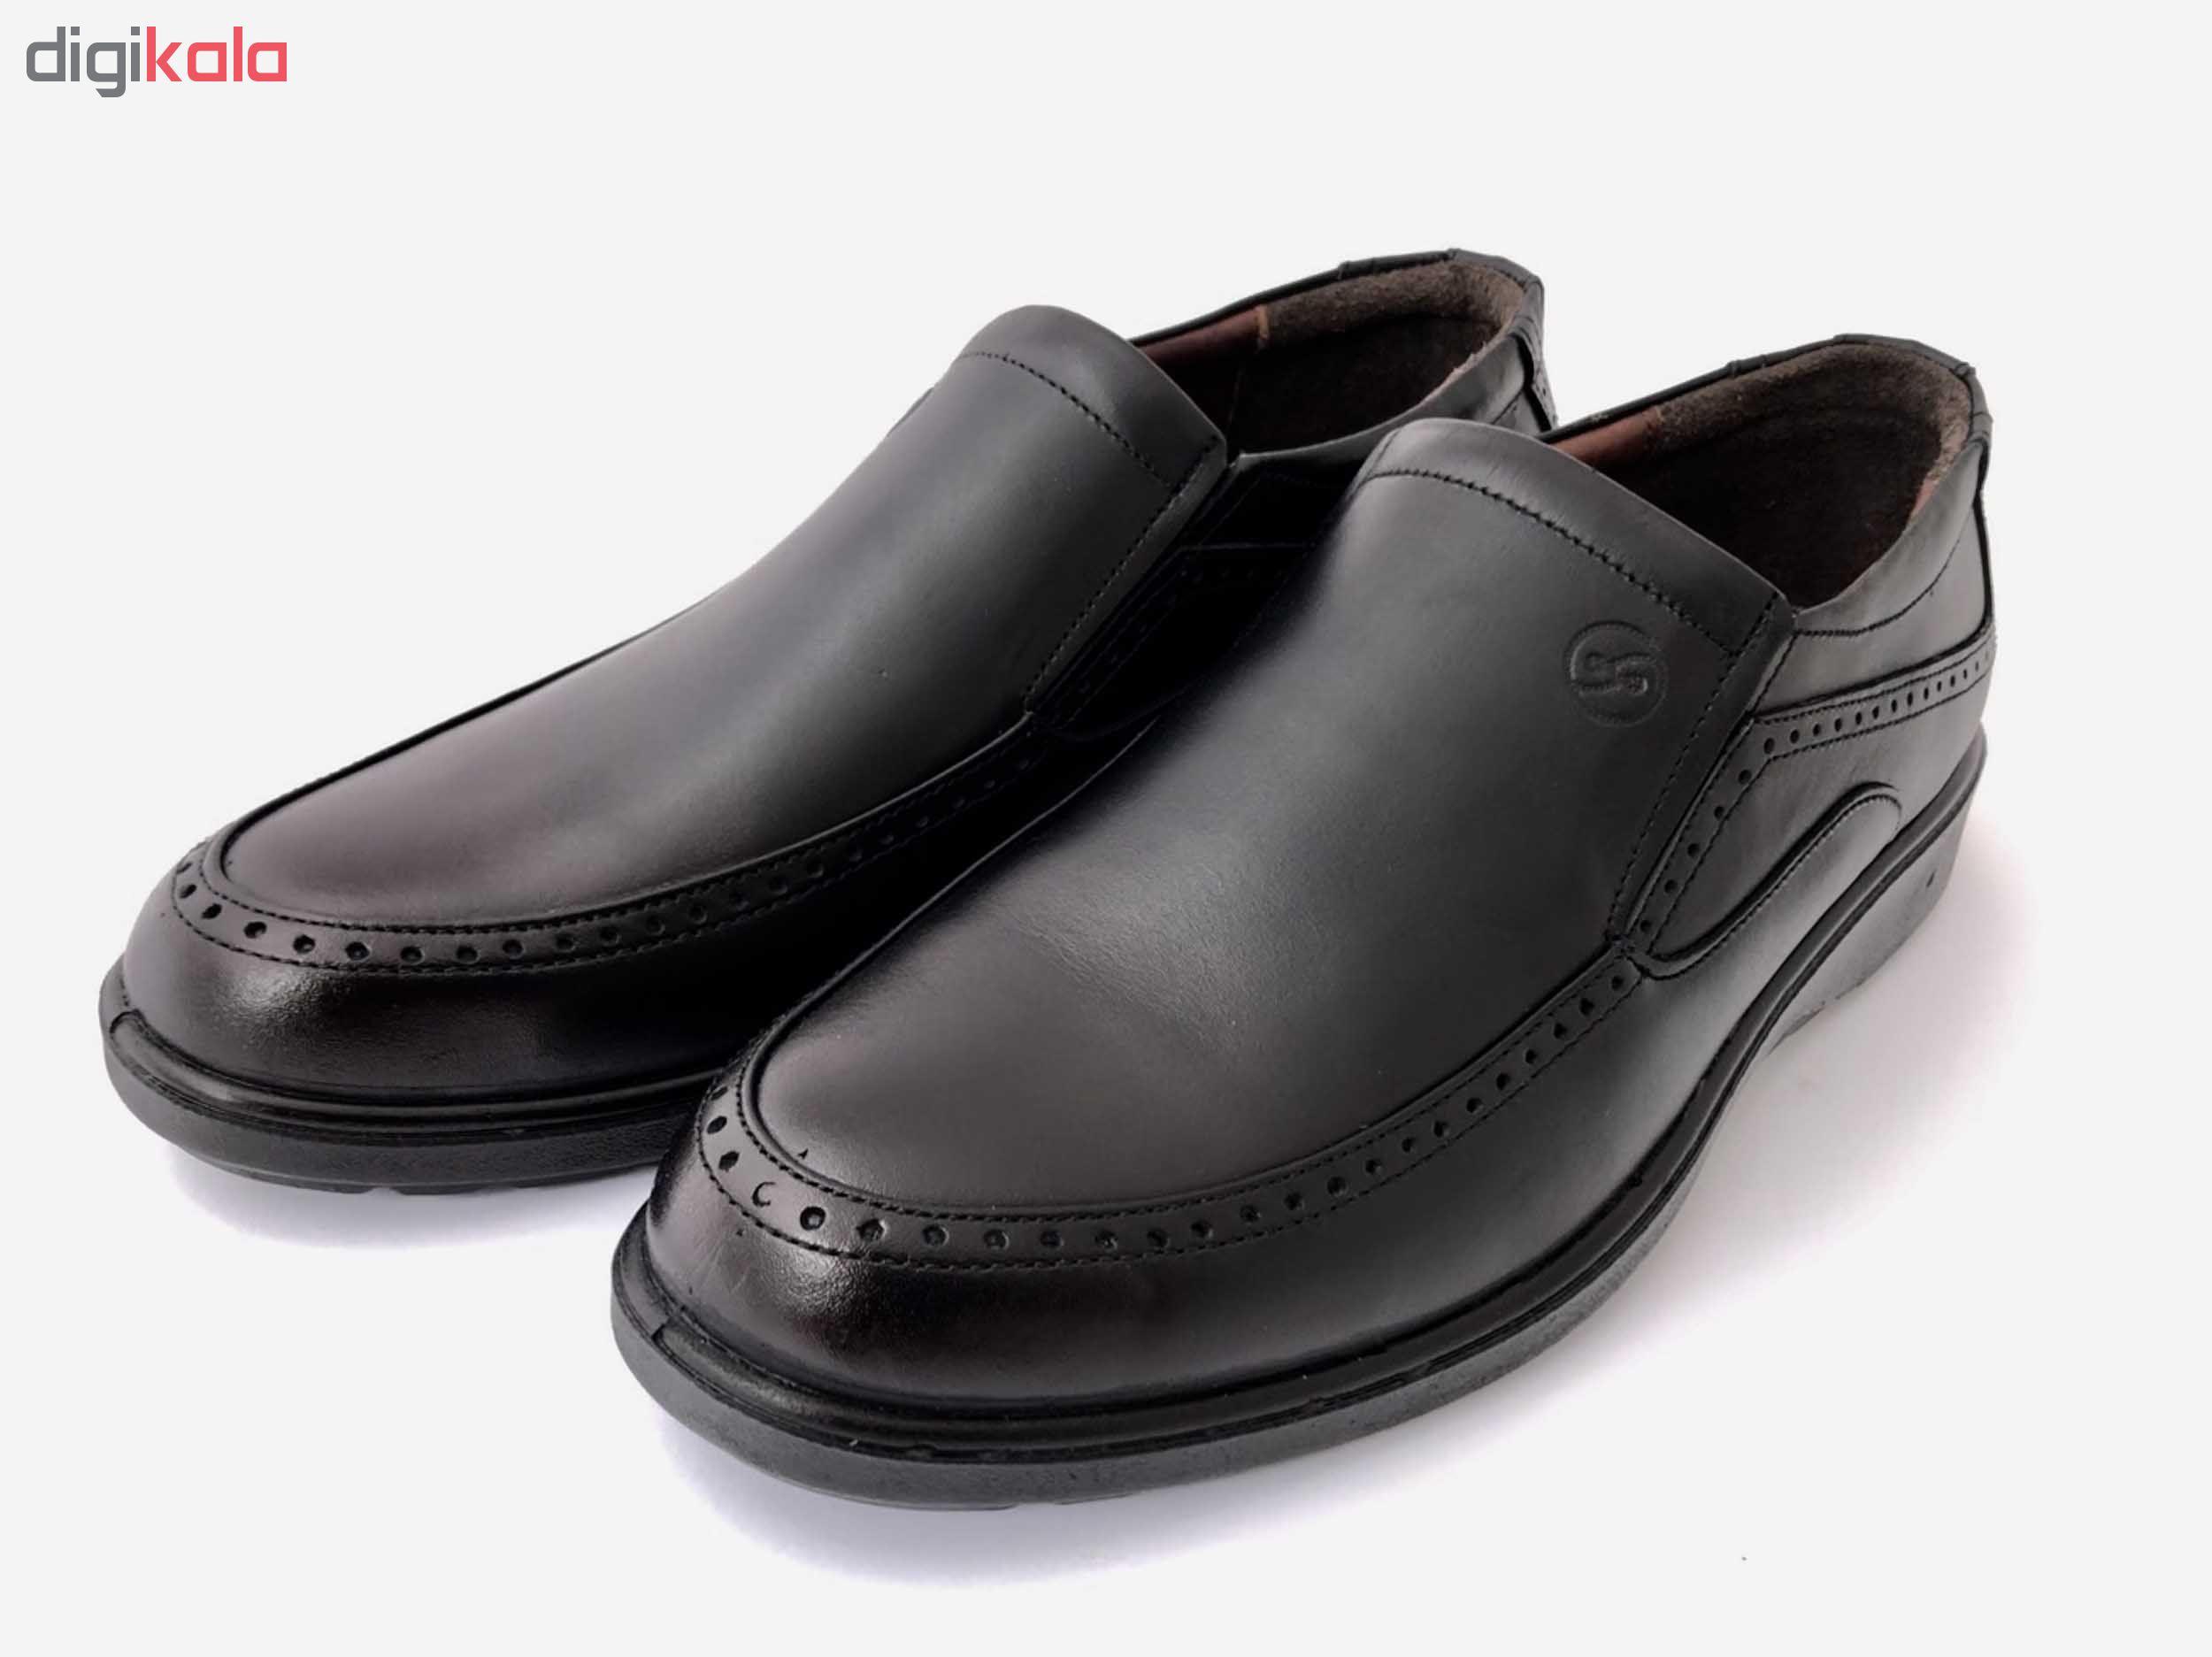 کفش مردانه سایناچرم مدل سفیر رنگ مشکی